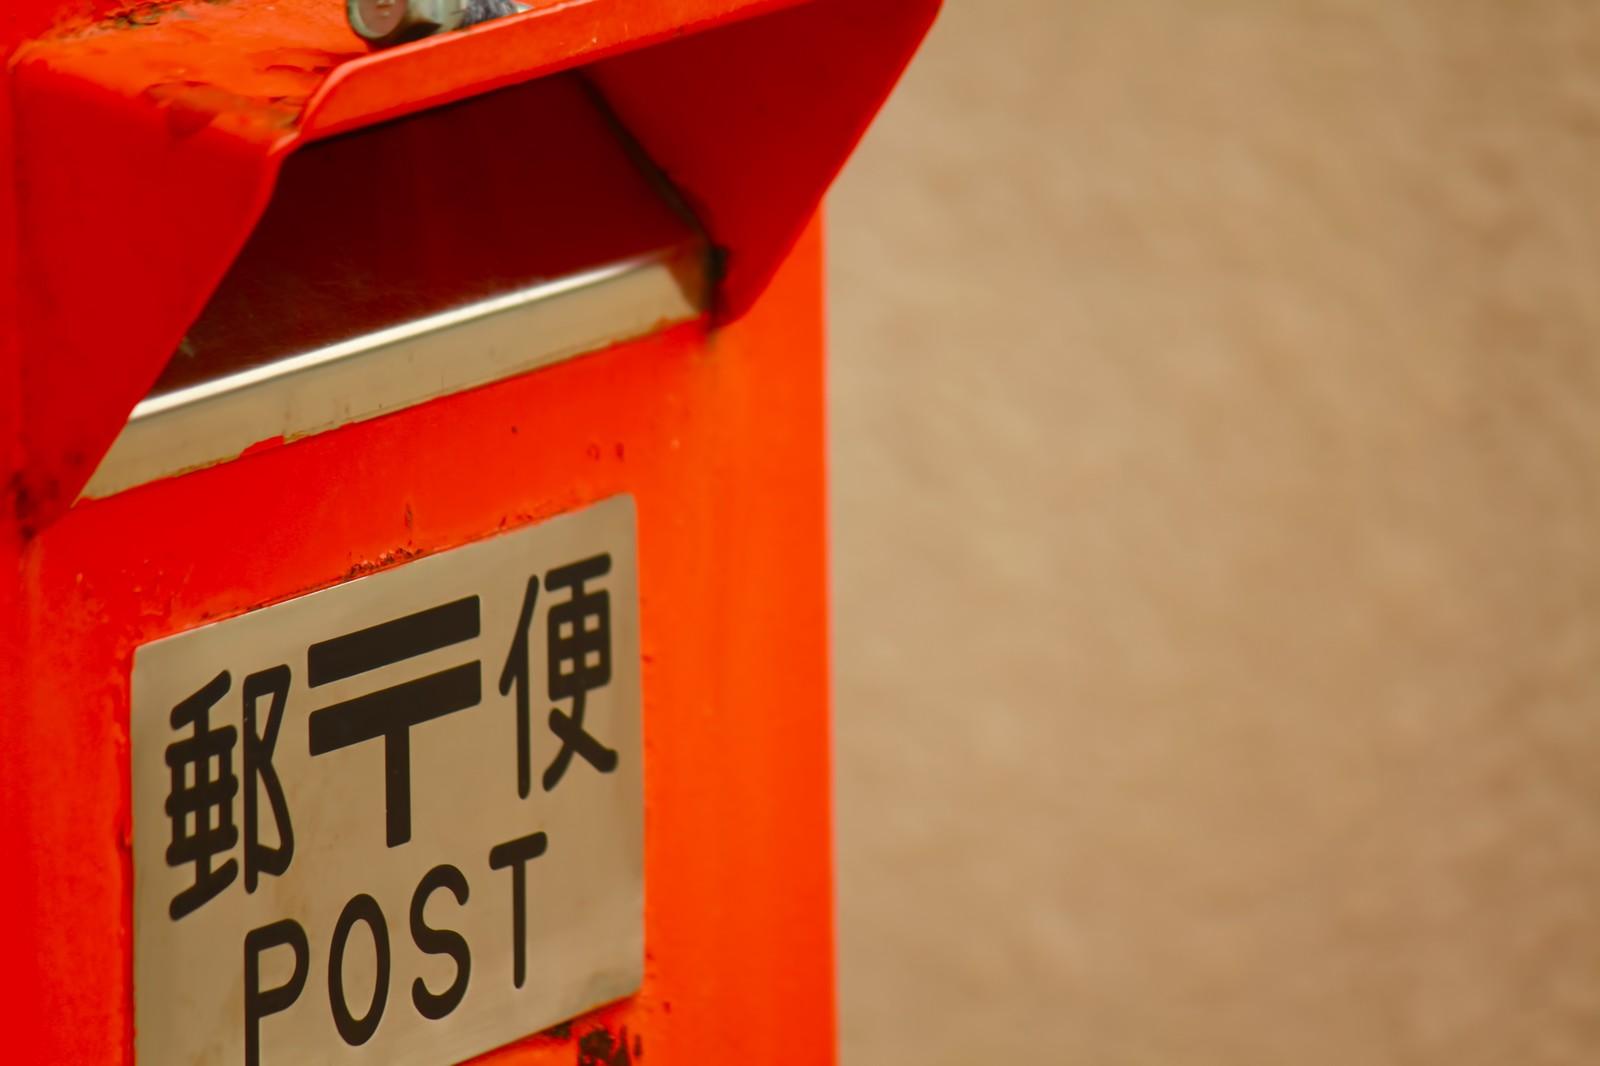 配送修理(郵便ポスト)